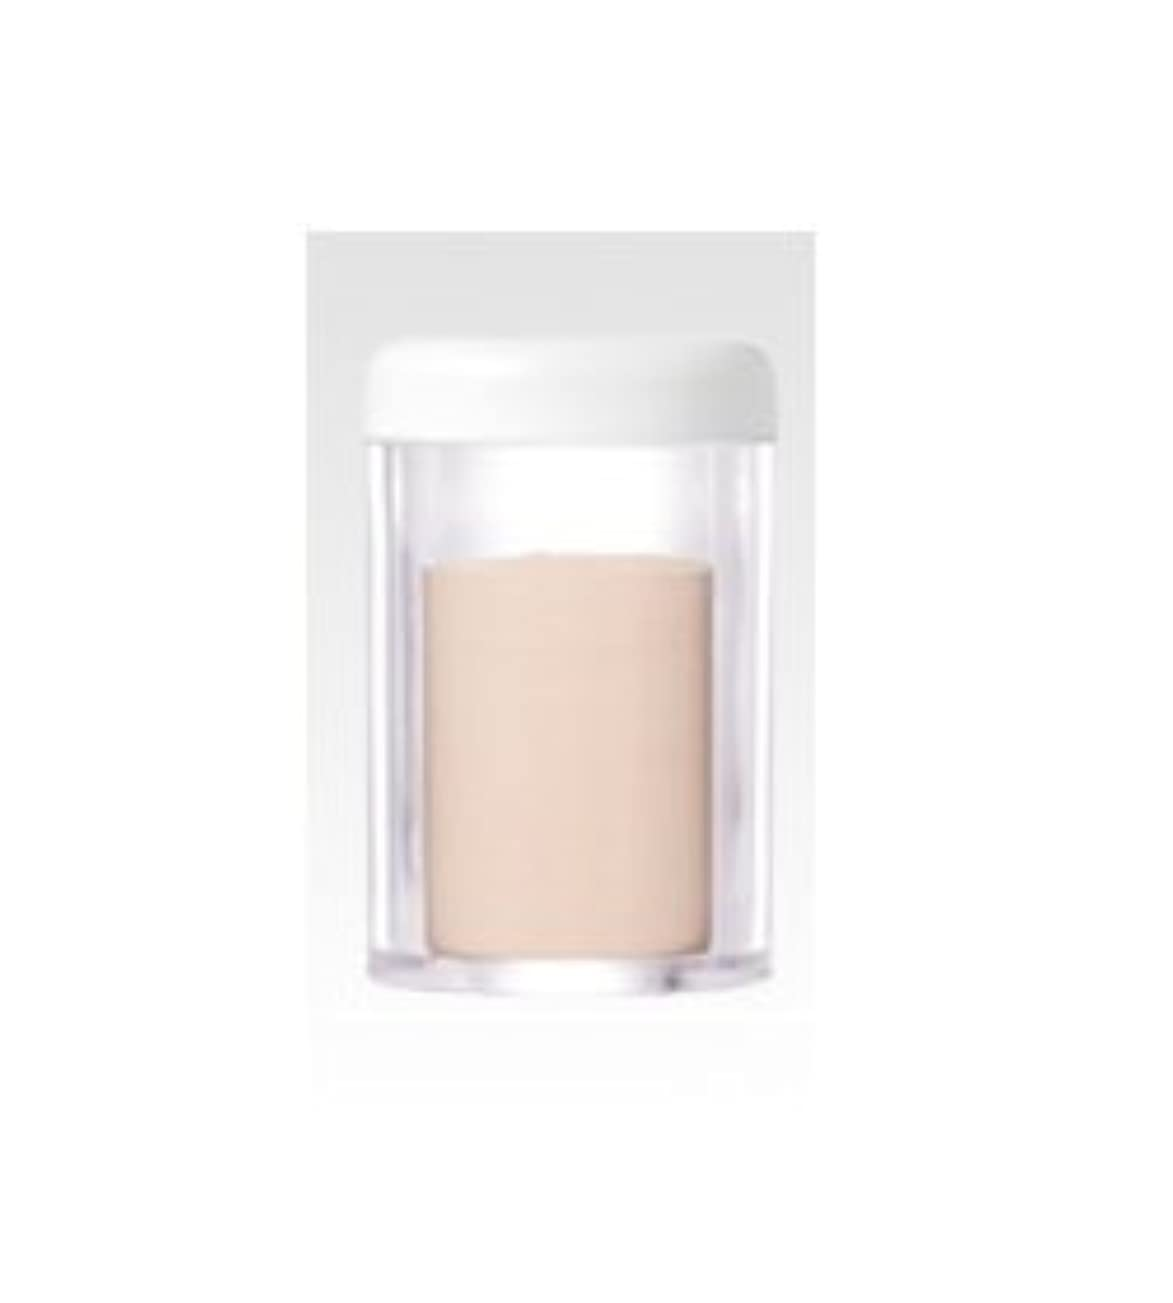 不承認検体上流のゲマイン UVパウダーリフィル(詰替用) /6g(全2色) SPF50+ / PA+++【ナチュラルライト】